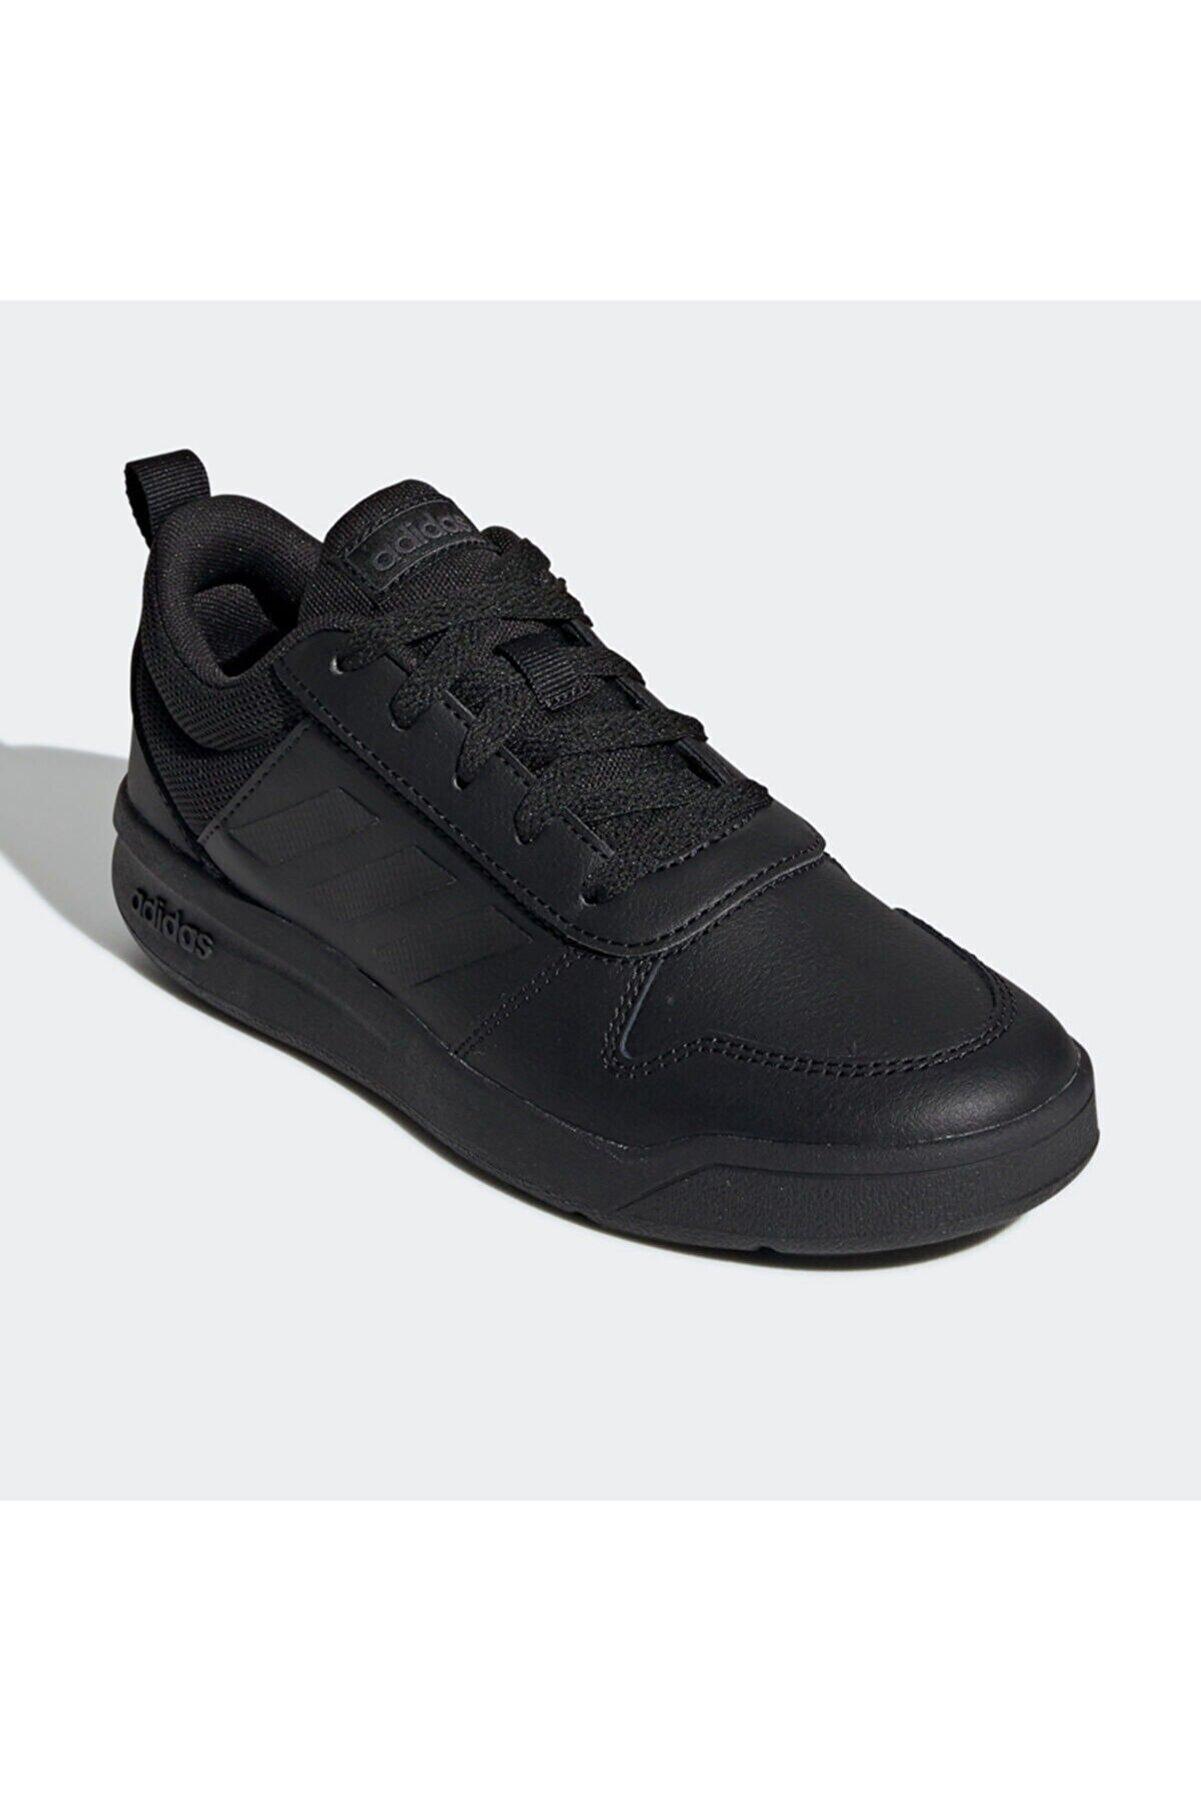 adidas TENSAUR Siyah Kadın Koşu Ayakkabısı 100538922